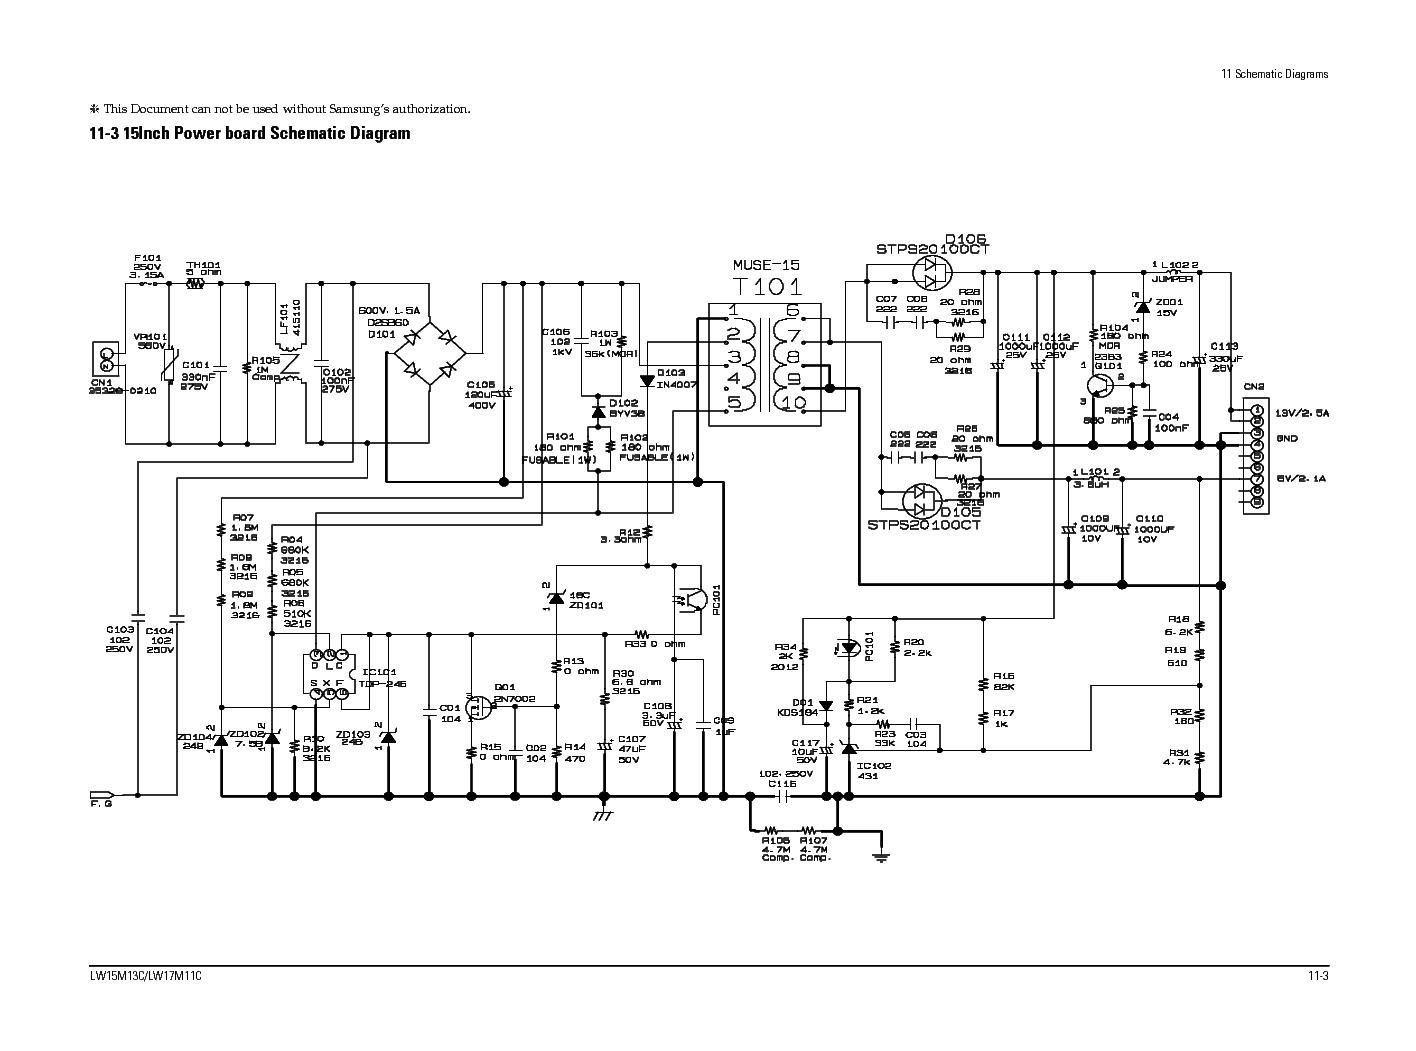 samsung bn44 00100a ip43135t power supply sch service manual transformer schematic diagram samsung bn44 00100a ip43135t power supply sch service manual (1st page)